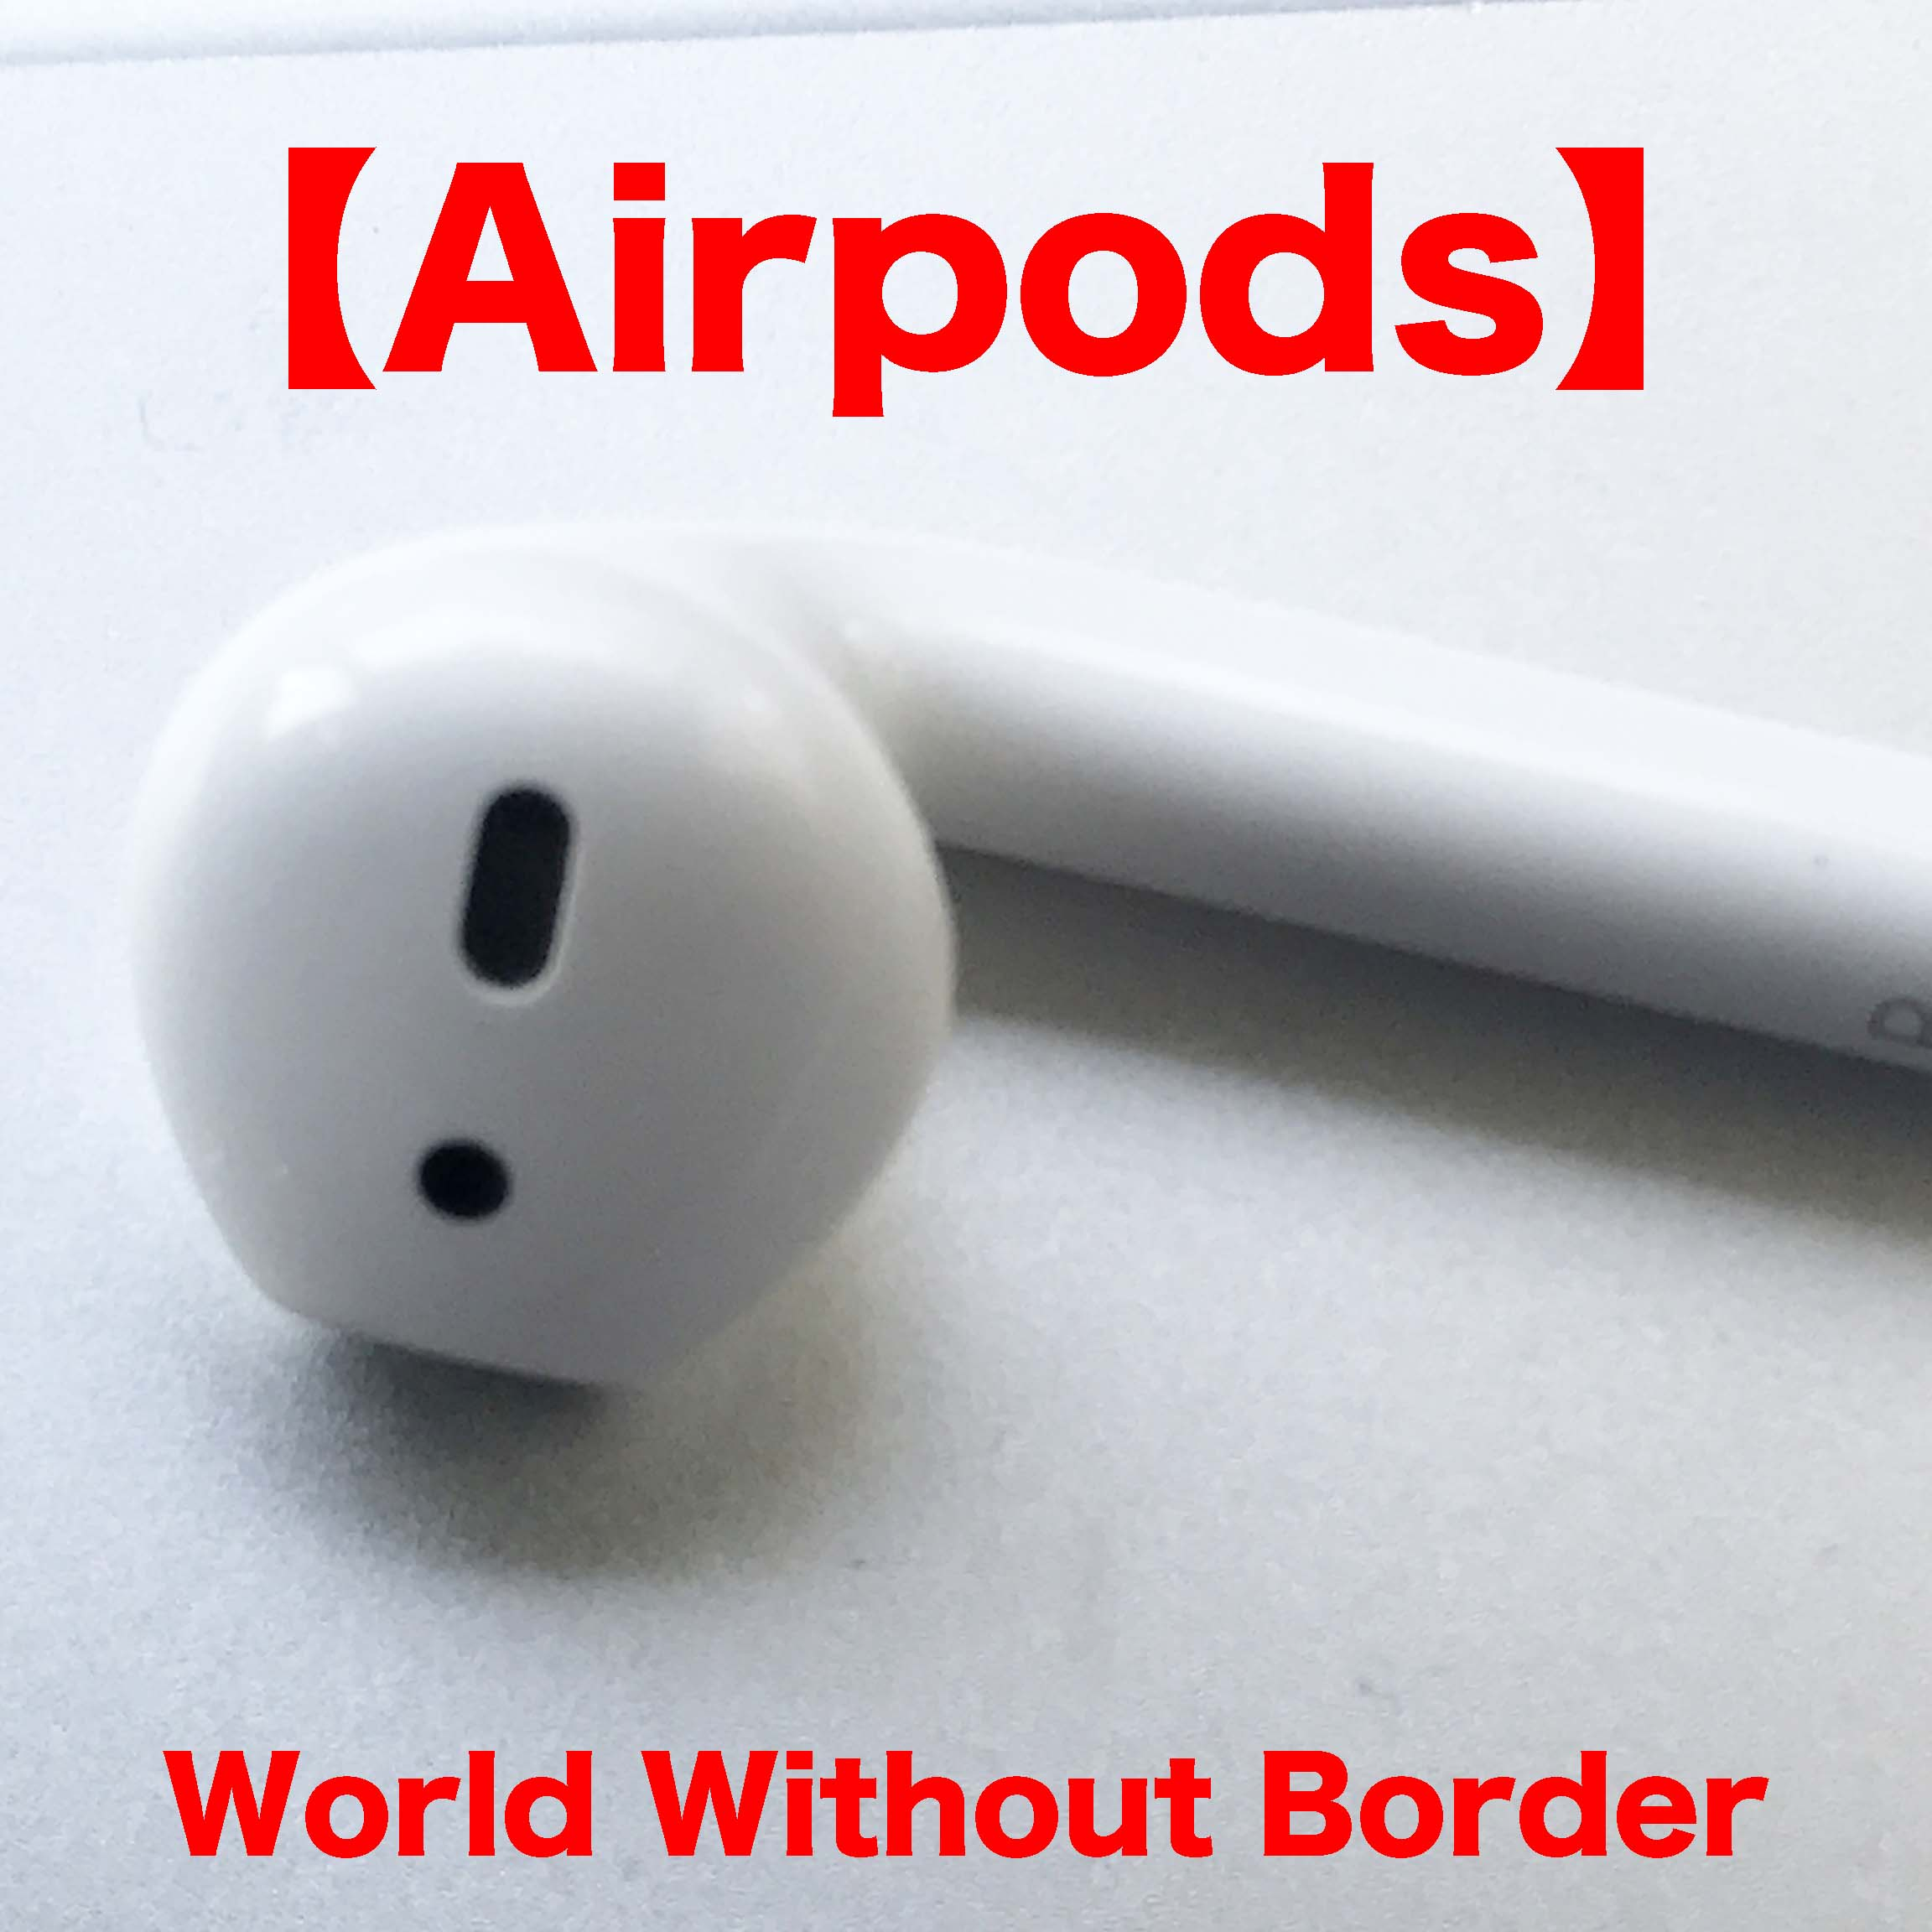 【Airpods】必ず購入後に設定するべき4つの機能と操作説明